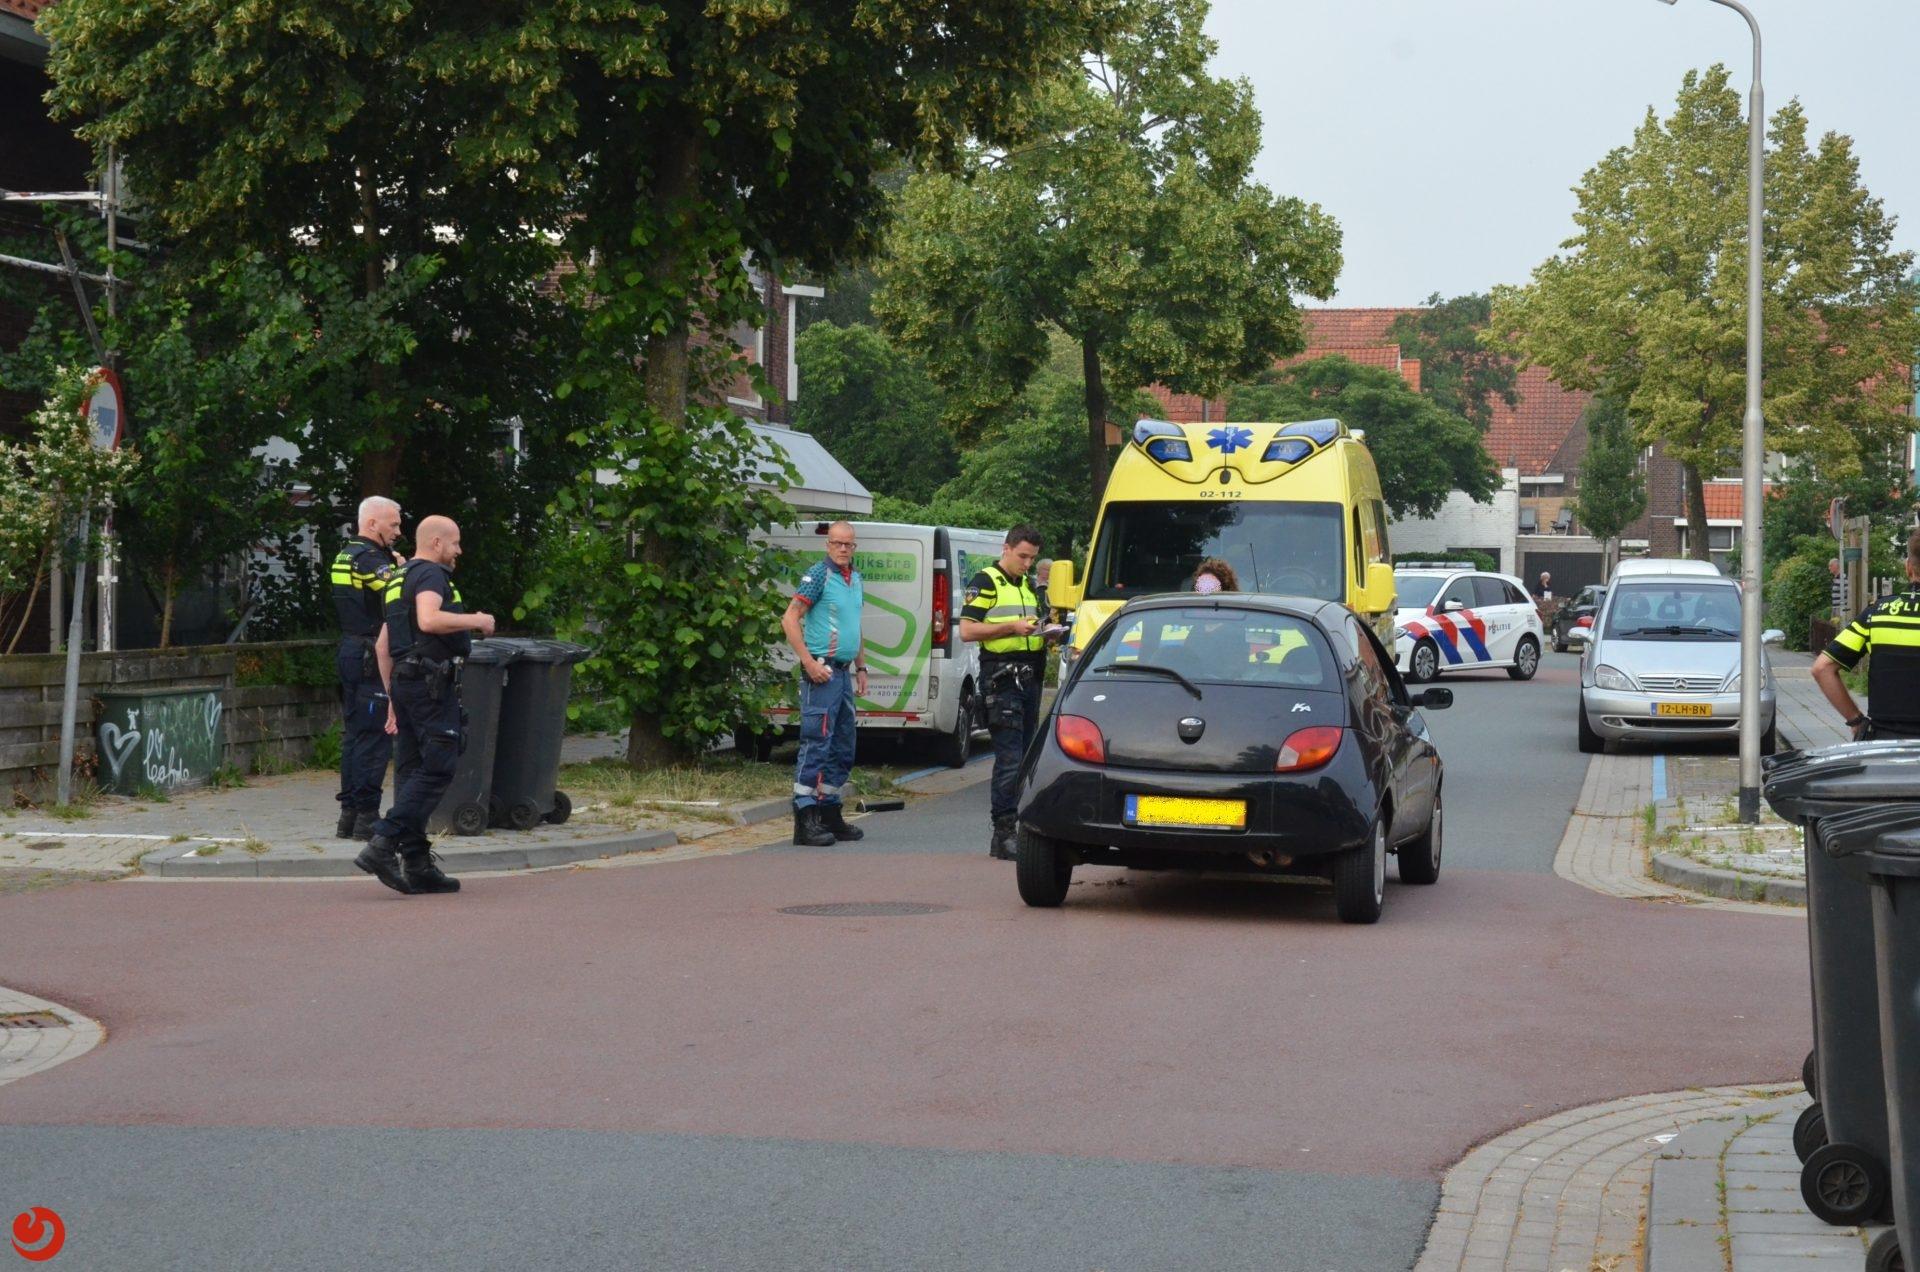 Bezorger op fiets in botsing met  auto in Leeuwarden